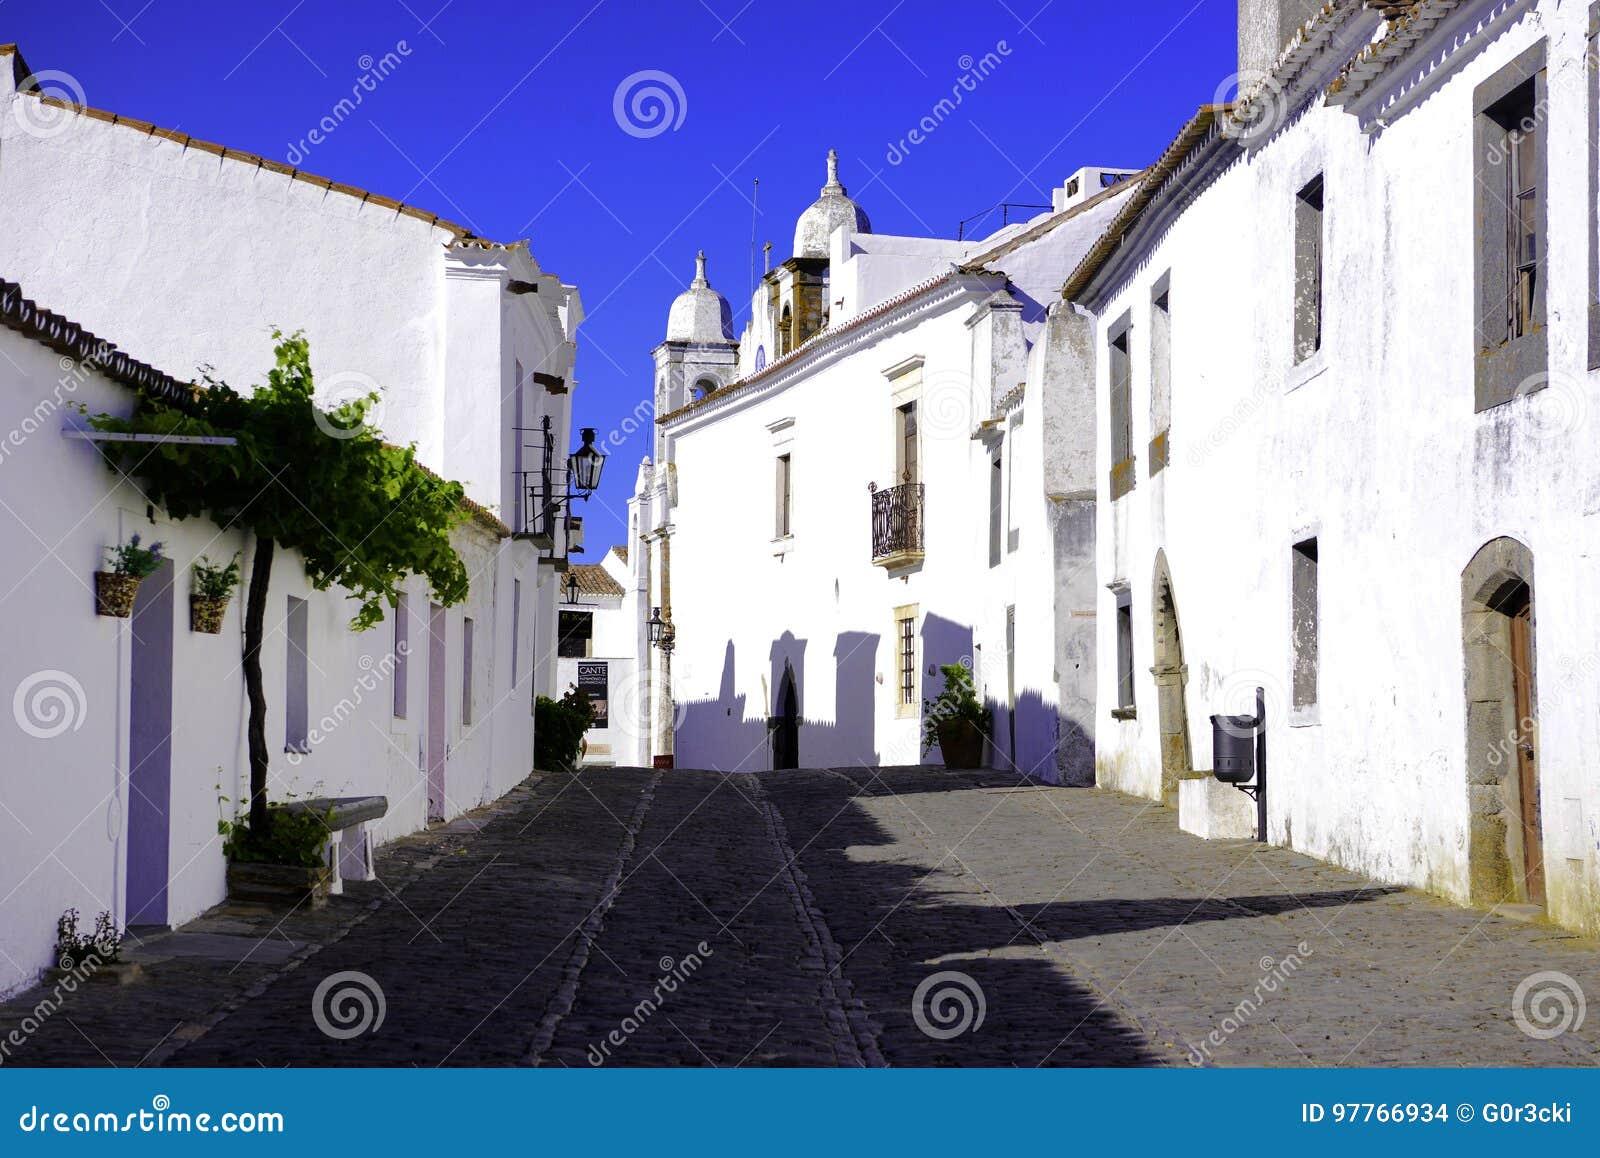 Via singolare tipica dell Alentejo, costruzioni bianche luminose, viaggio a sud del Portogallo